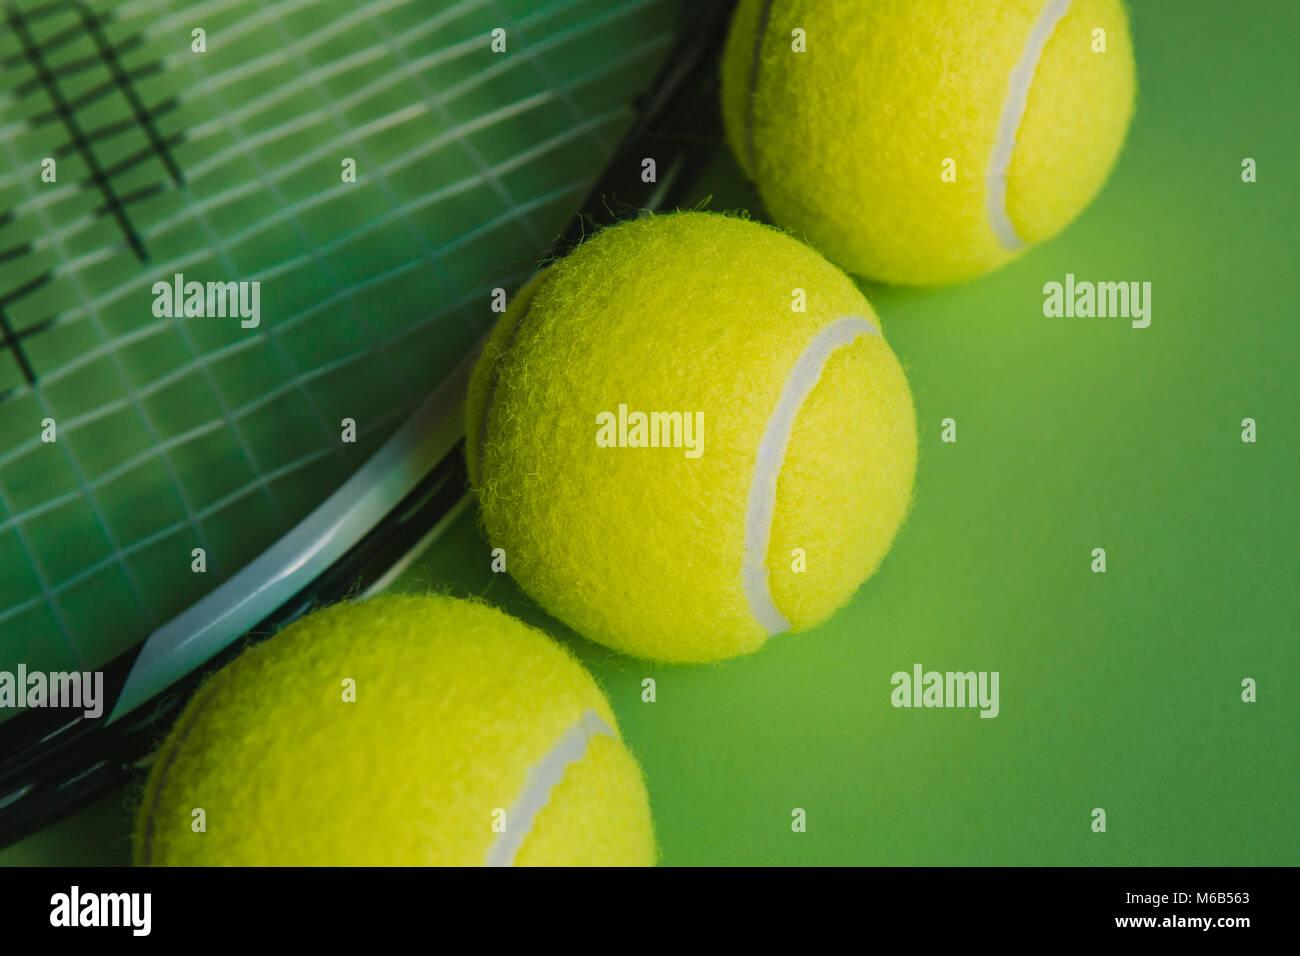 3094751abce3a Macro-vision de 3 balles de tennis et une raquette de tennis sur fond vert.